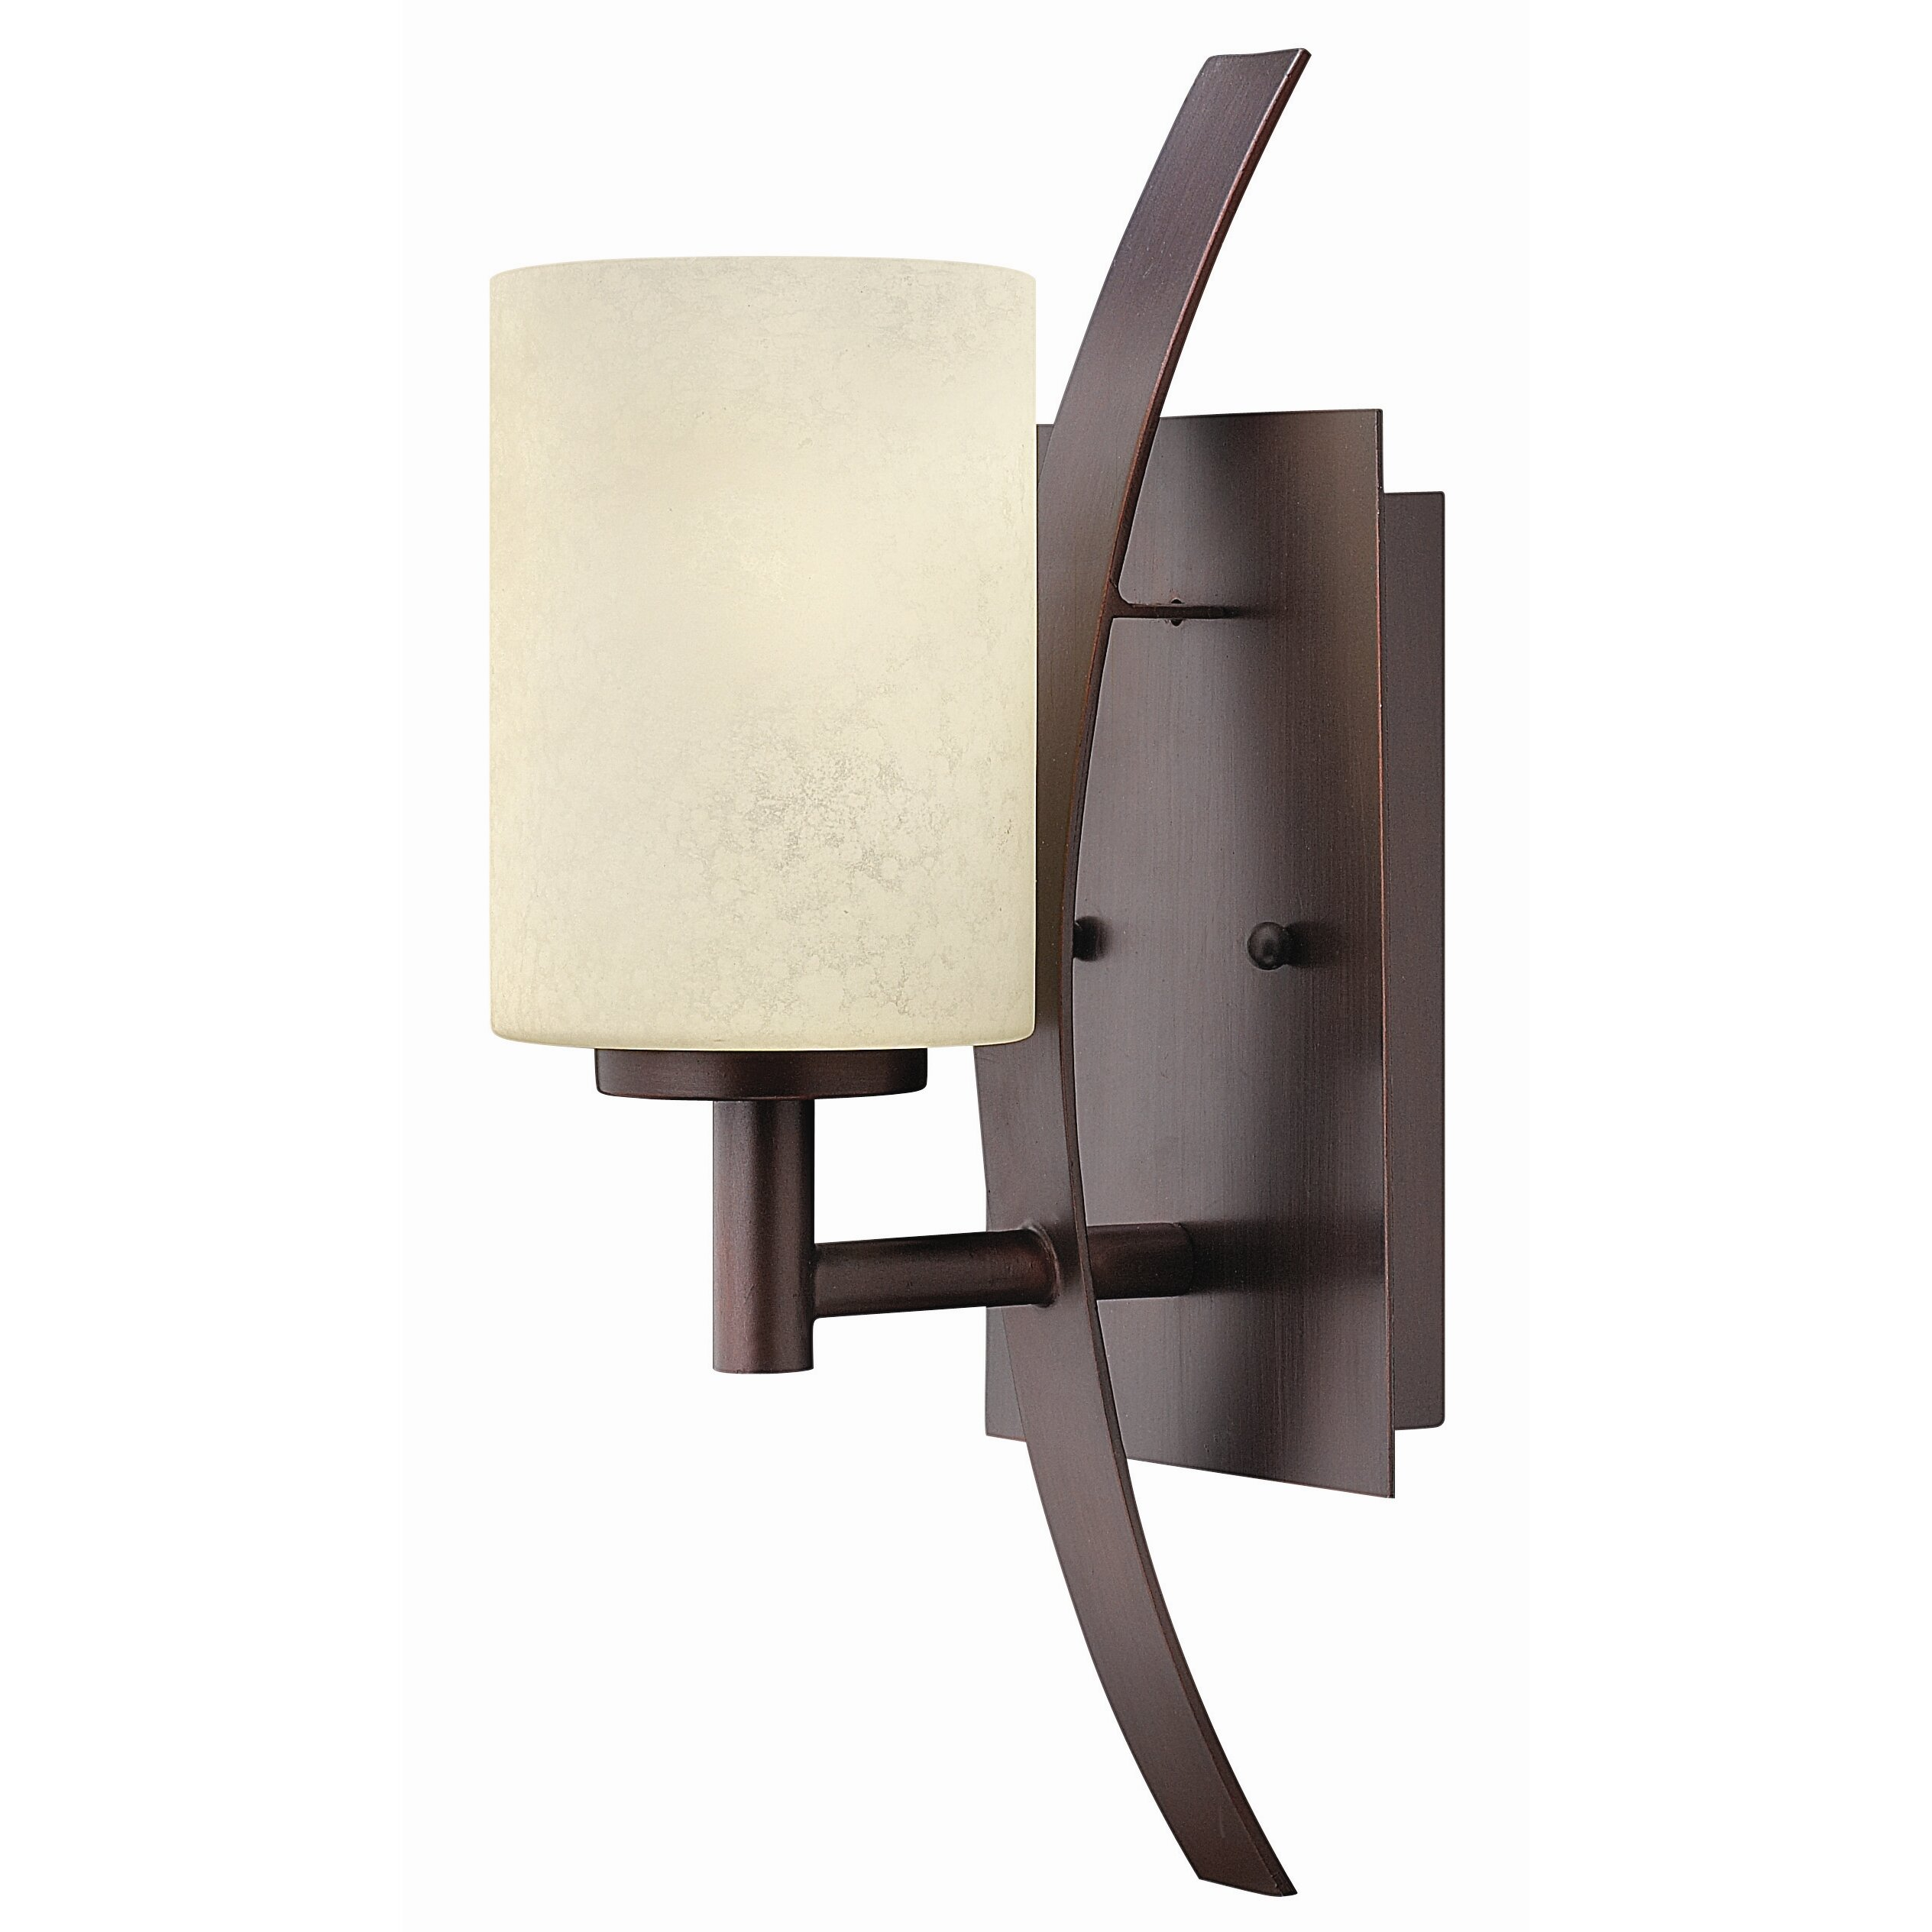 Hinkley lighting stowe 1 light vanity wall sconce for Hinkley bathroom sconces